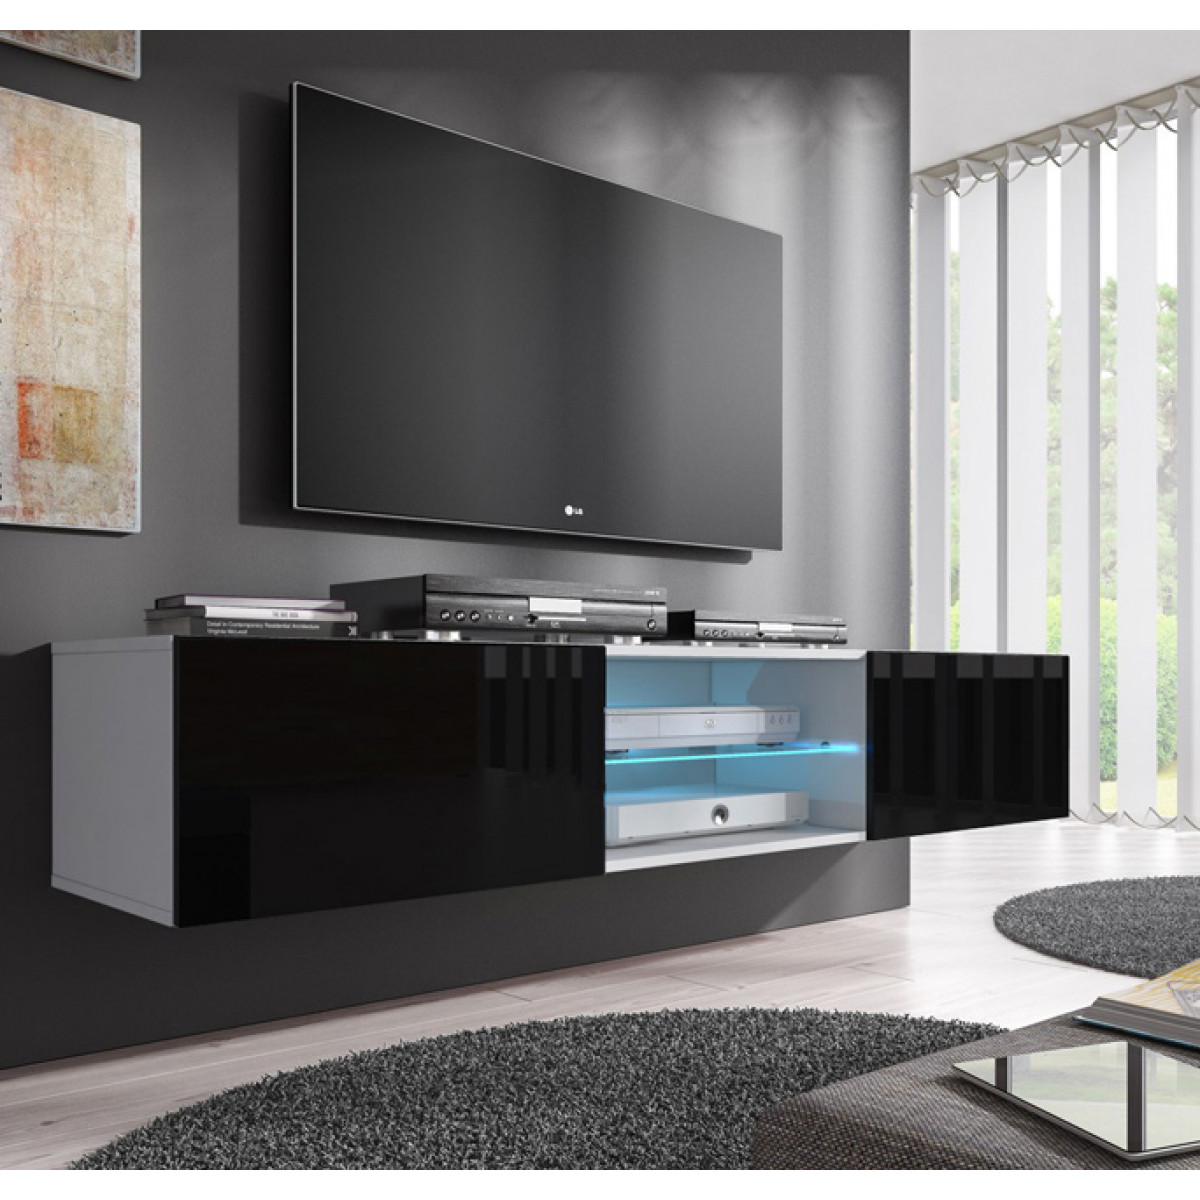 Tv Kast Zwart Wit.Tv Meubel Model Tenon 160 Cm Wit Et Zwart